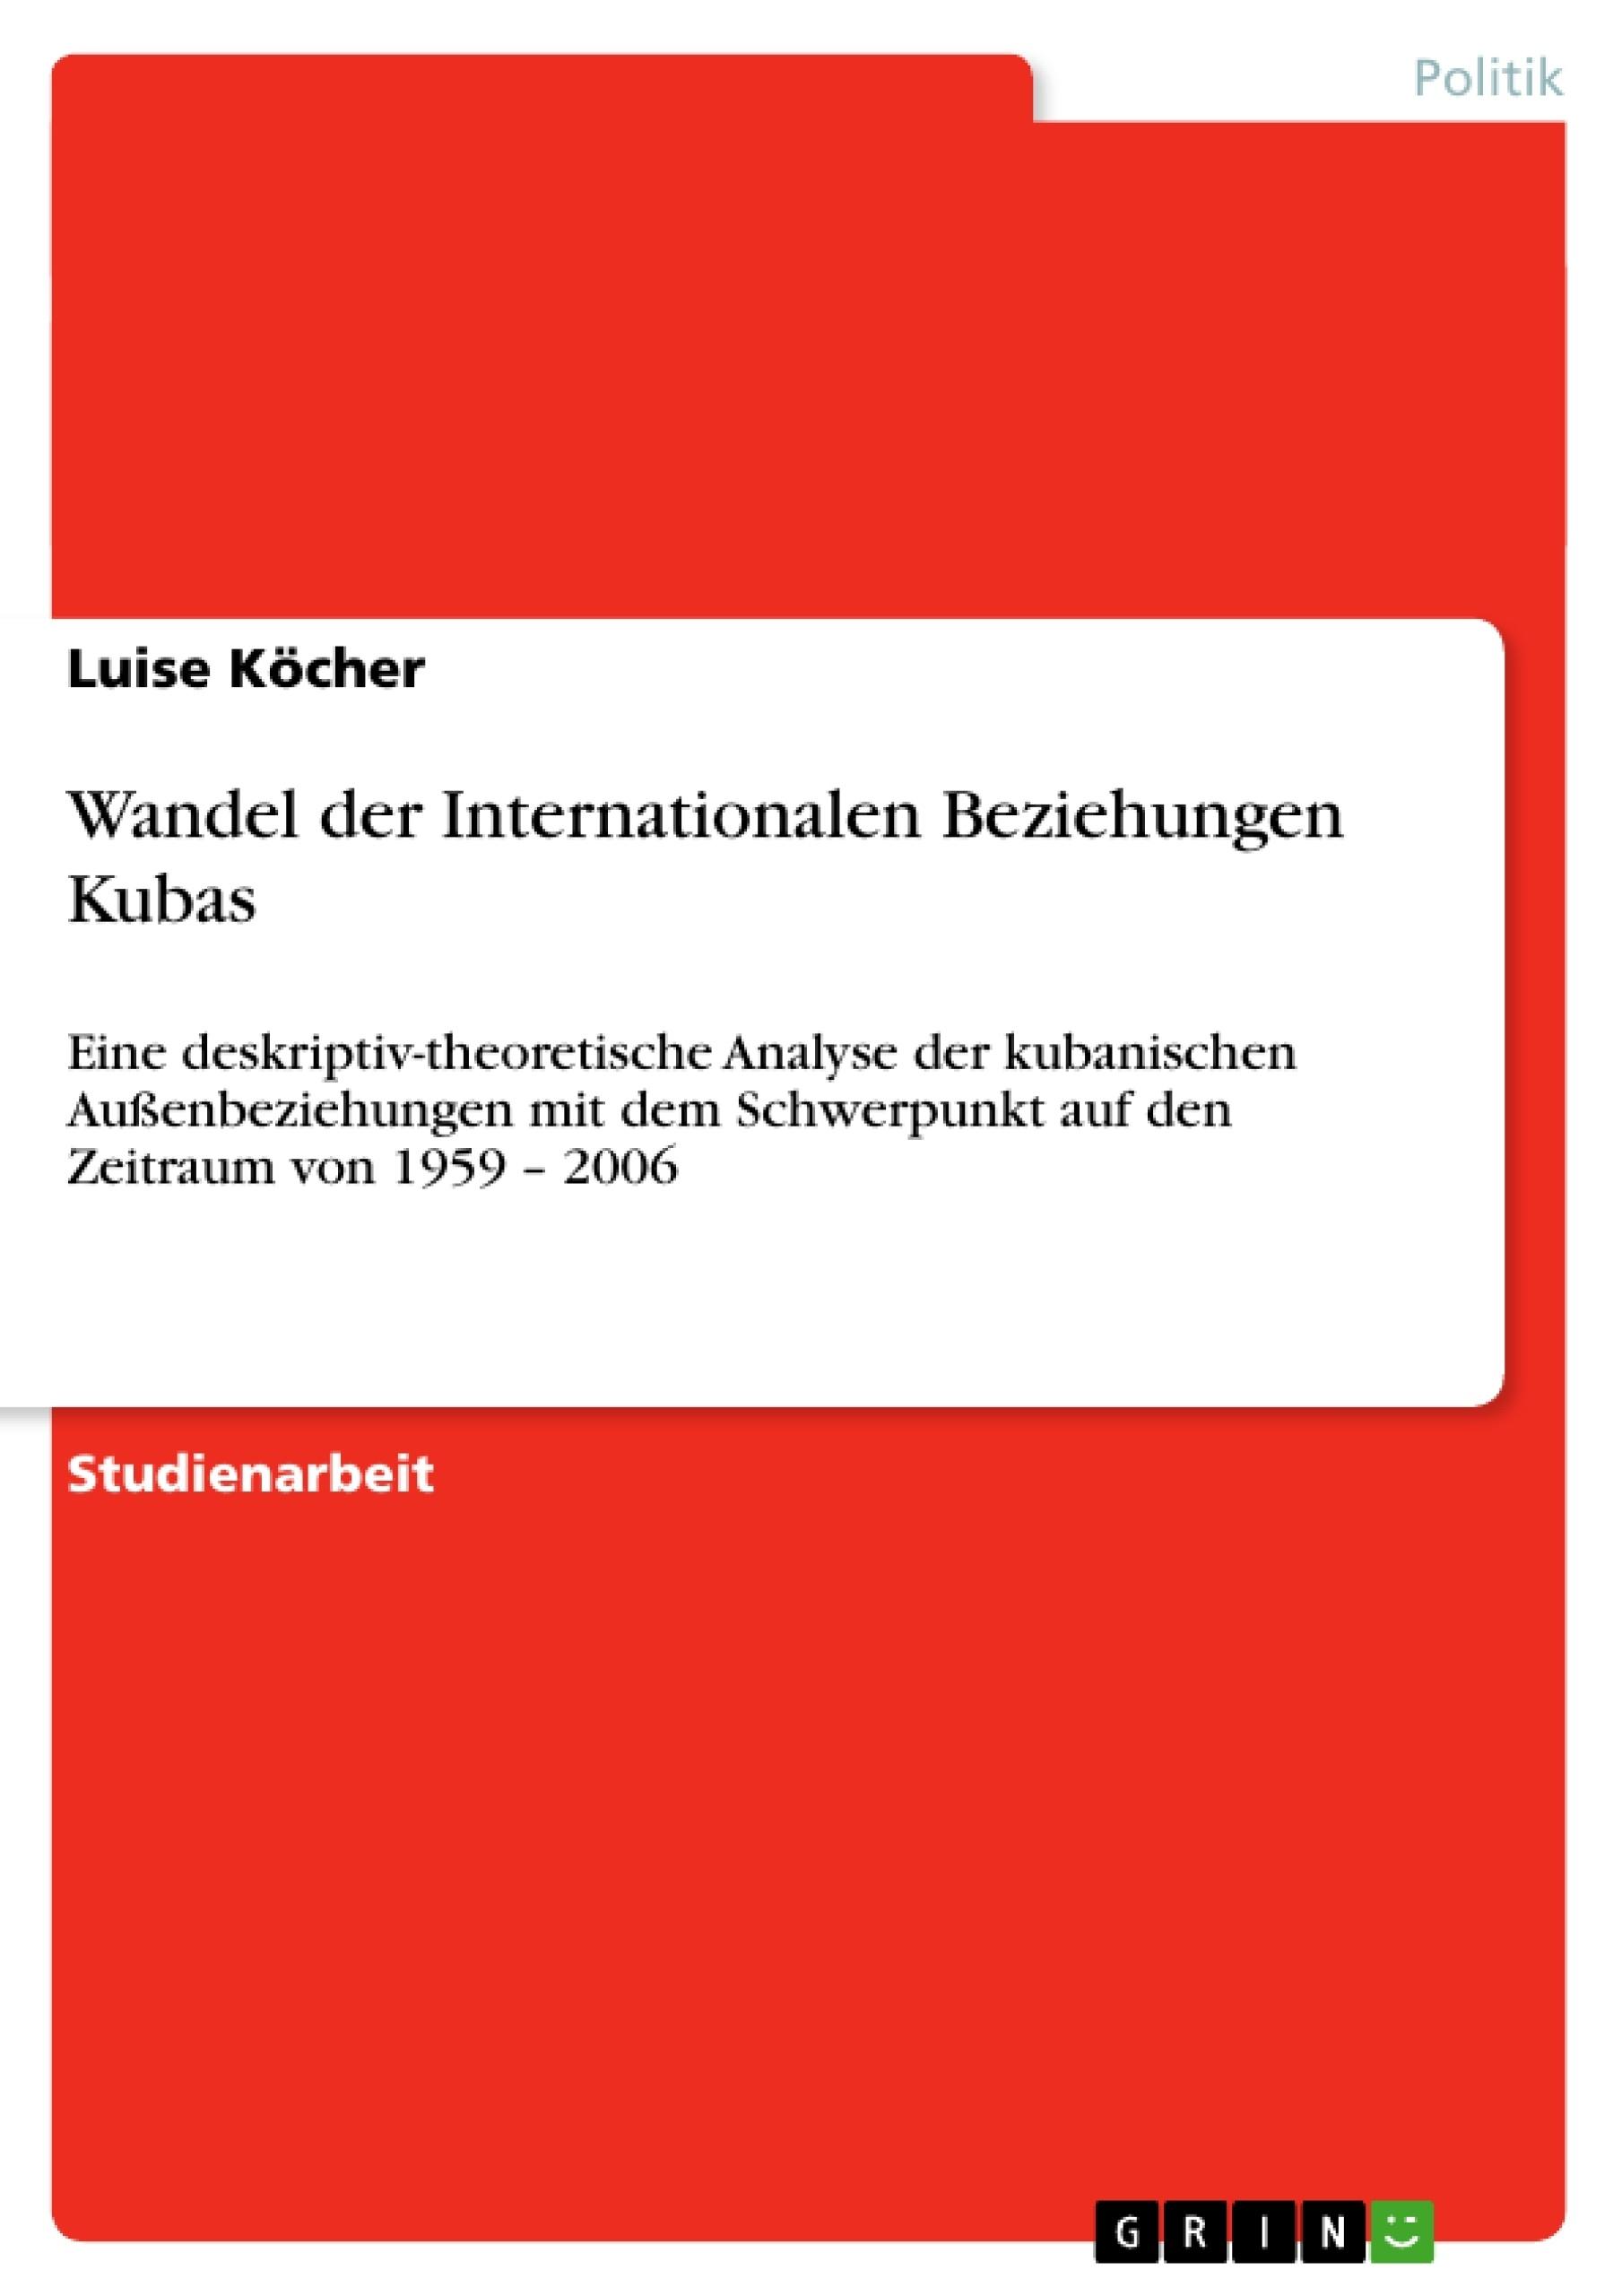 Titel: Wandel der Internationalen Beziehungen Kubas